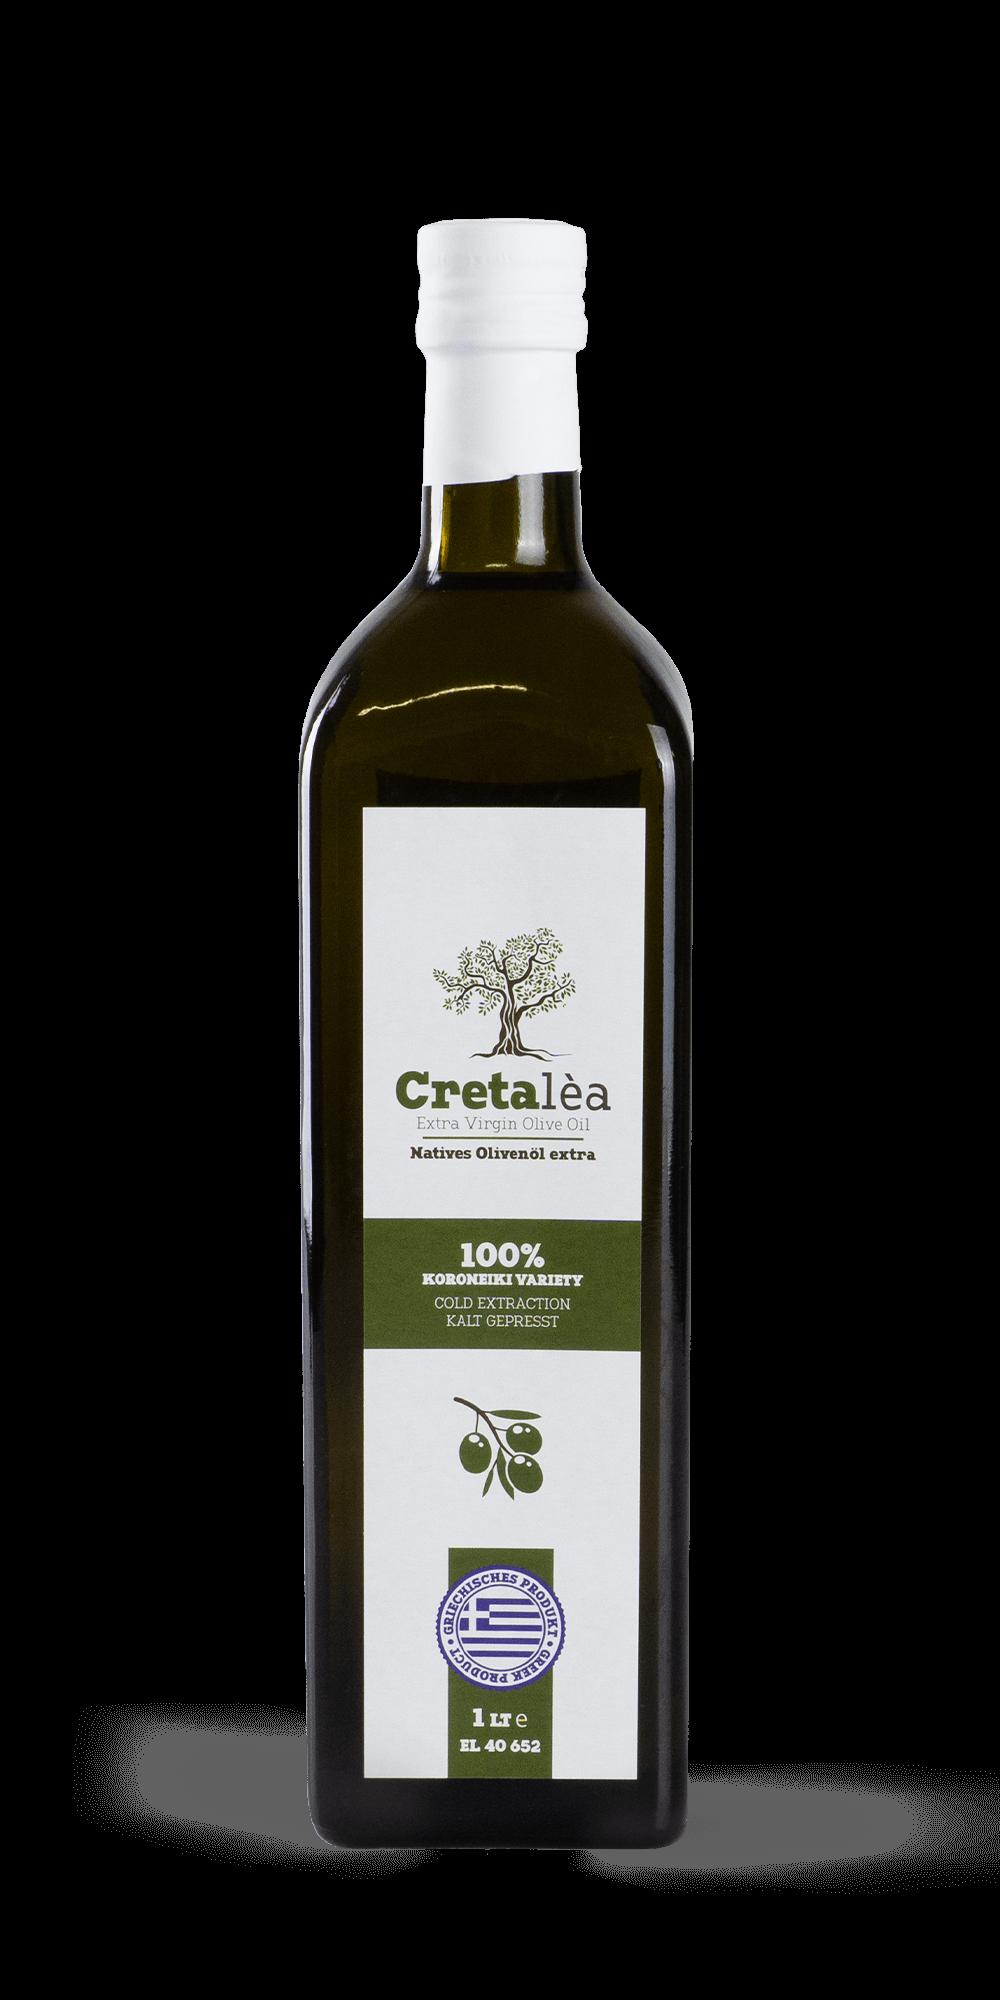 Cretalea Olivenöl 1 l